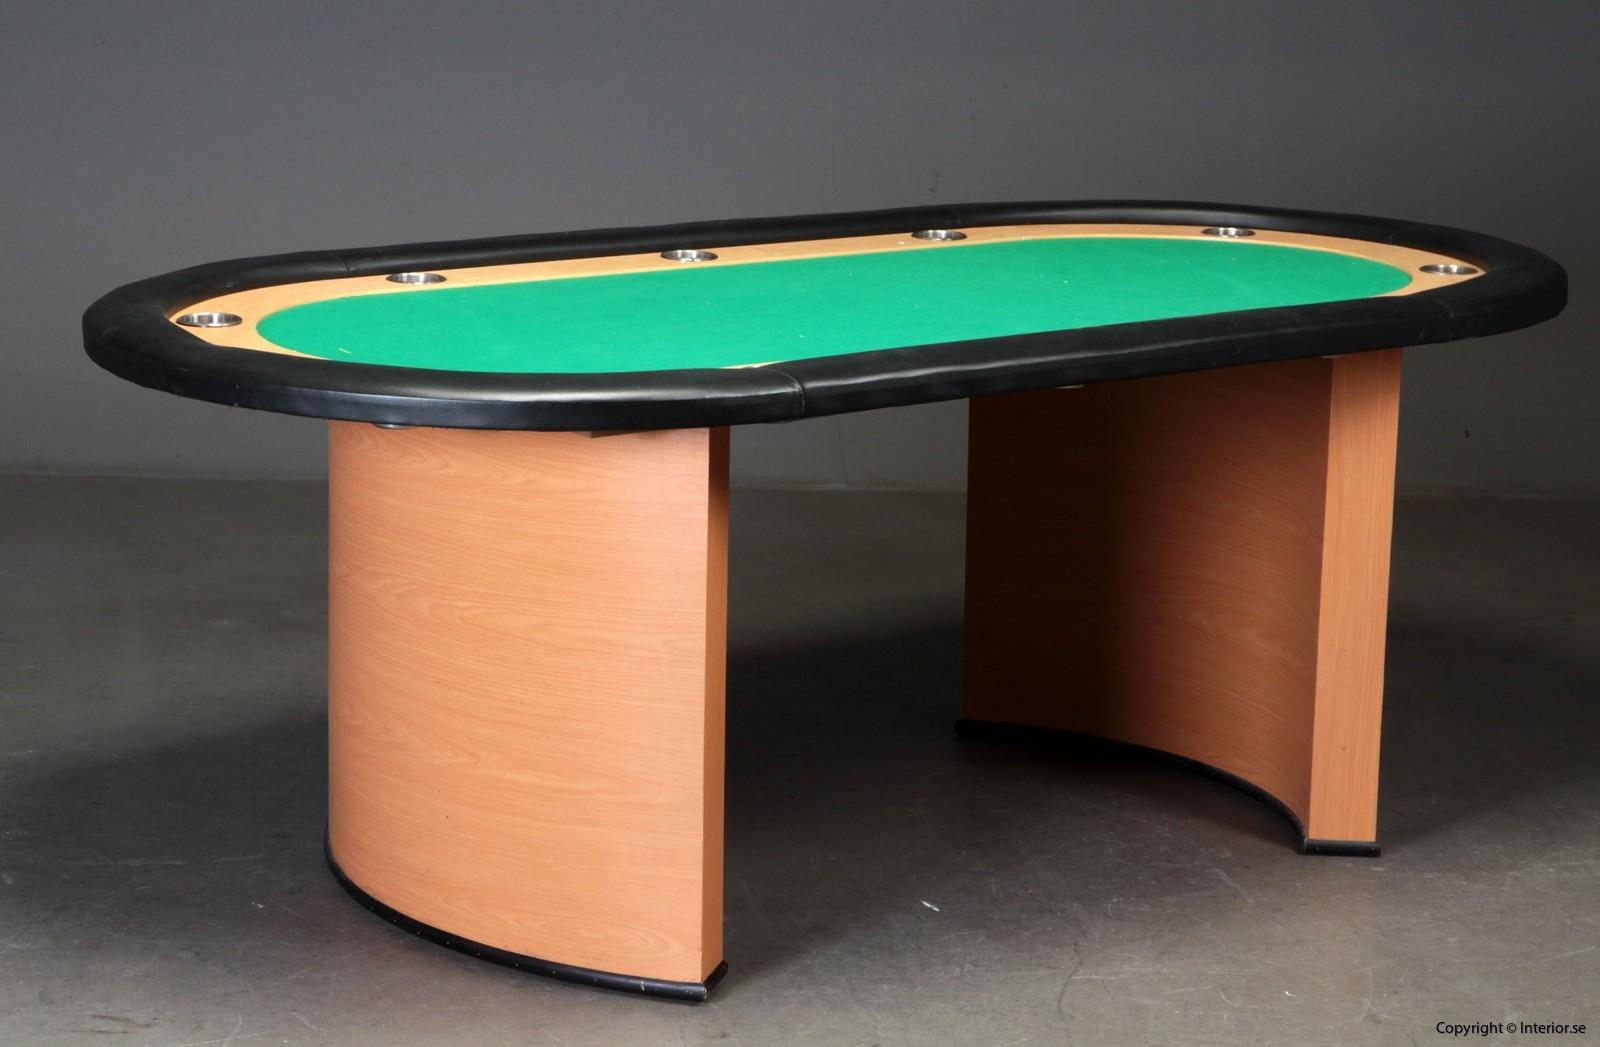 Hyra pokerbord för 12 personer stockholm sverige hyr